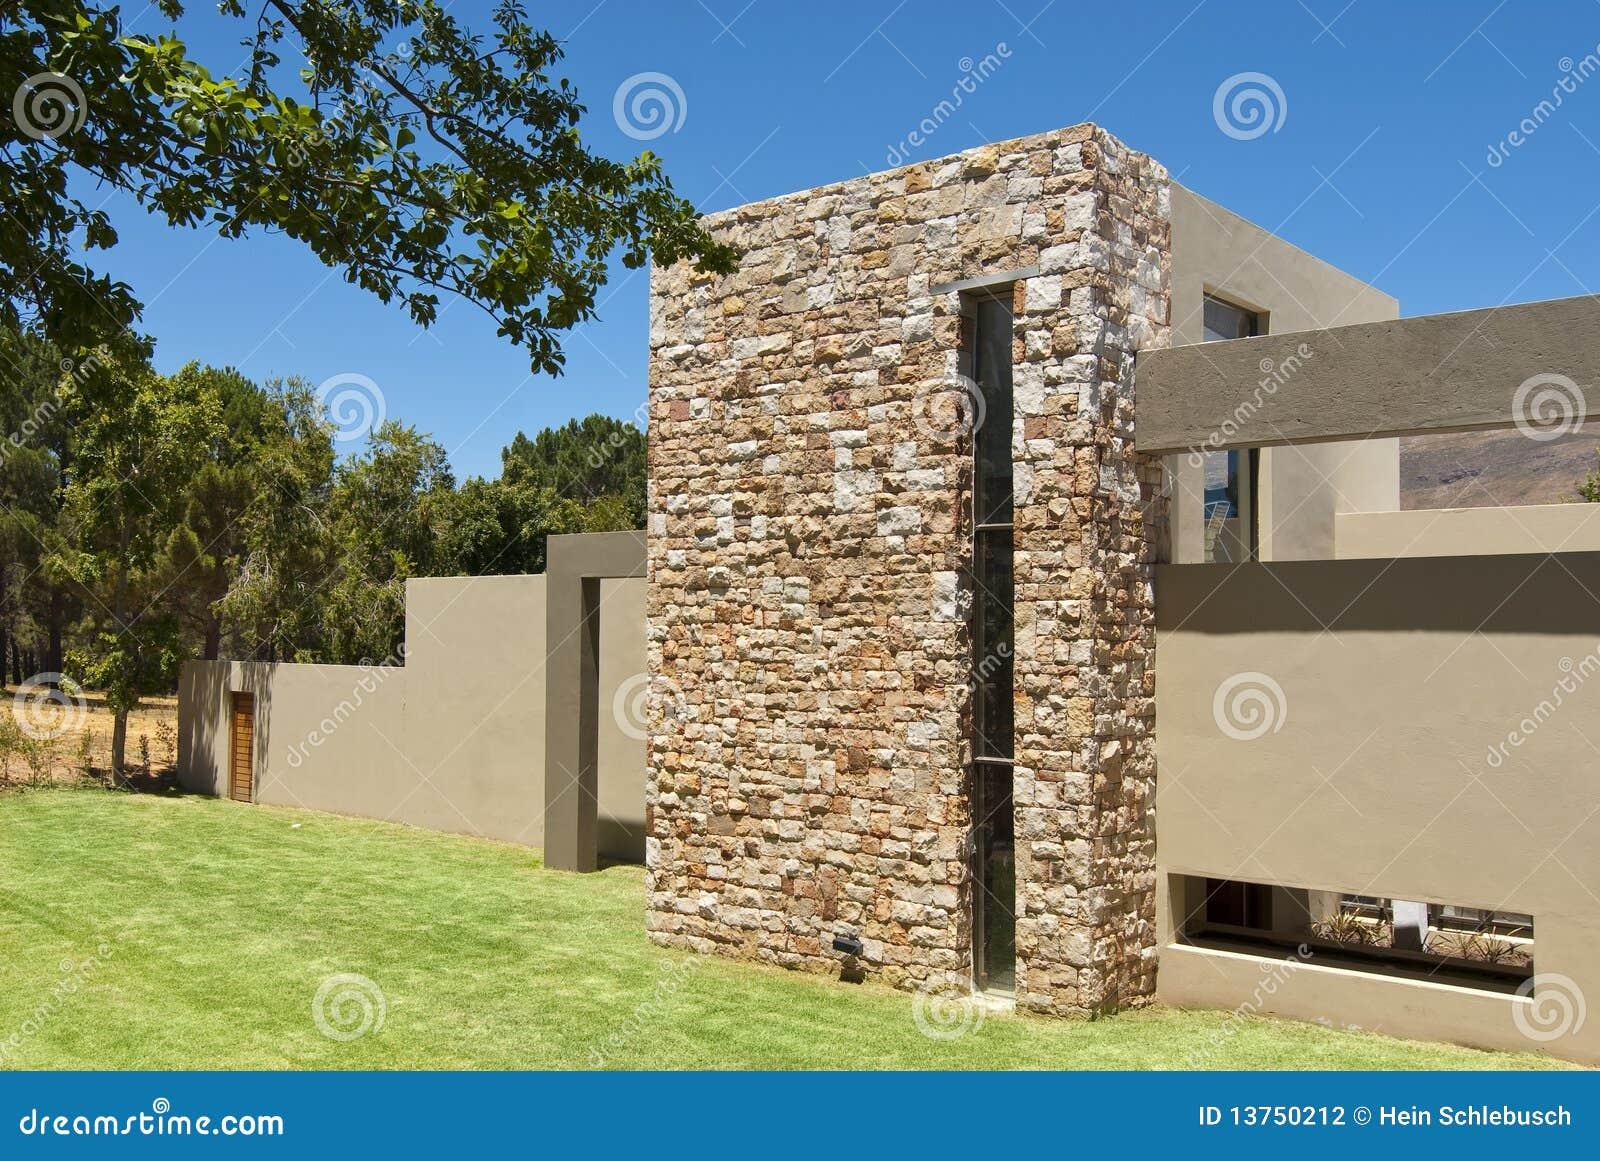 Casa pietra moderna yp43 regardsdefemmes for Esterno casa moderna